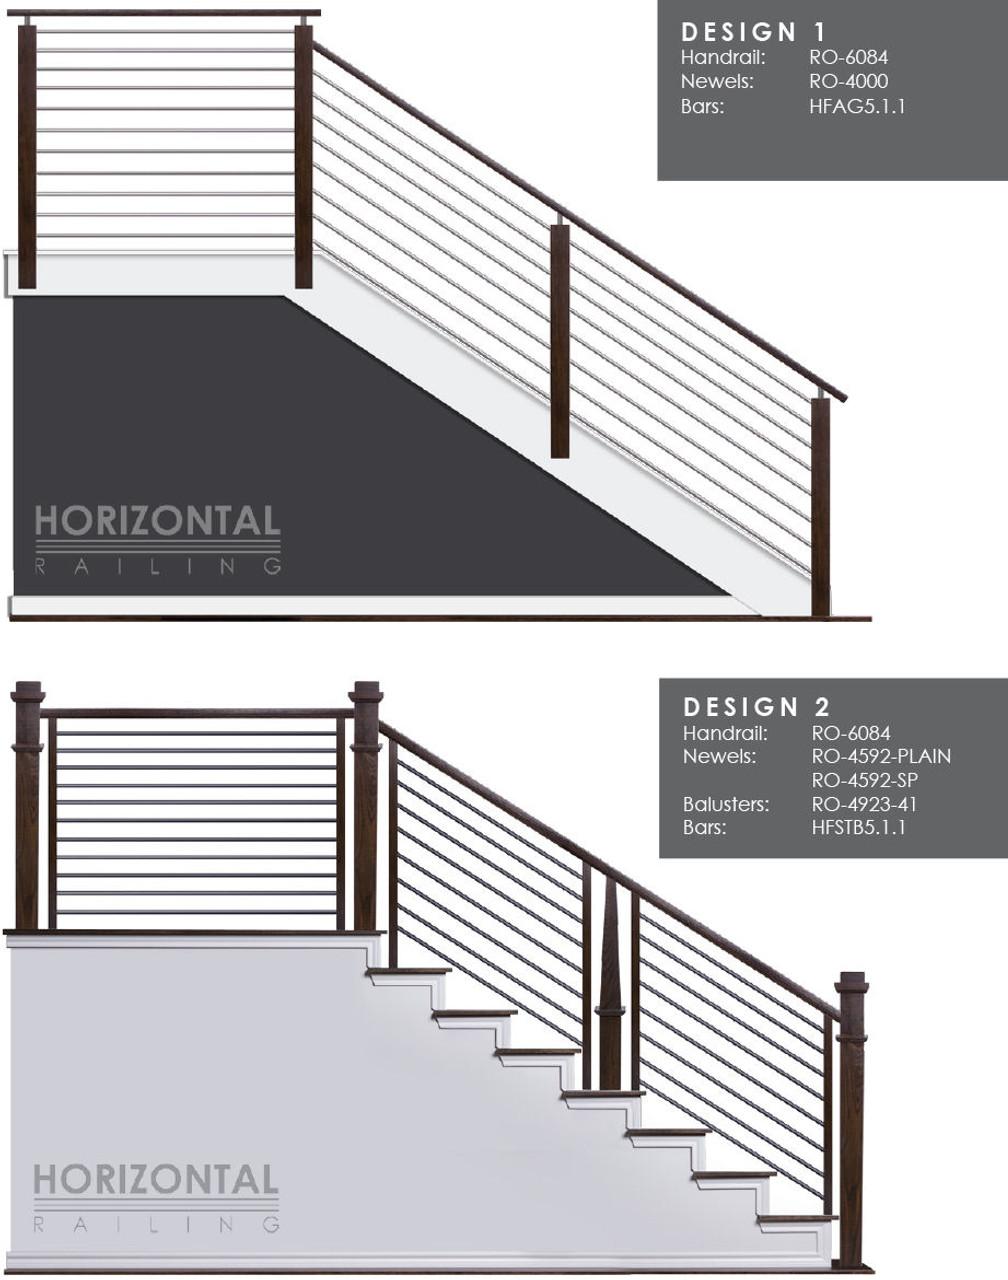 Horizontal Bar Design 1 and 2